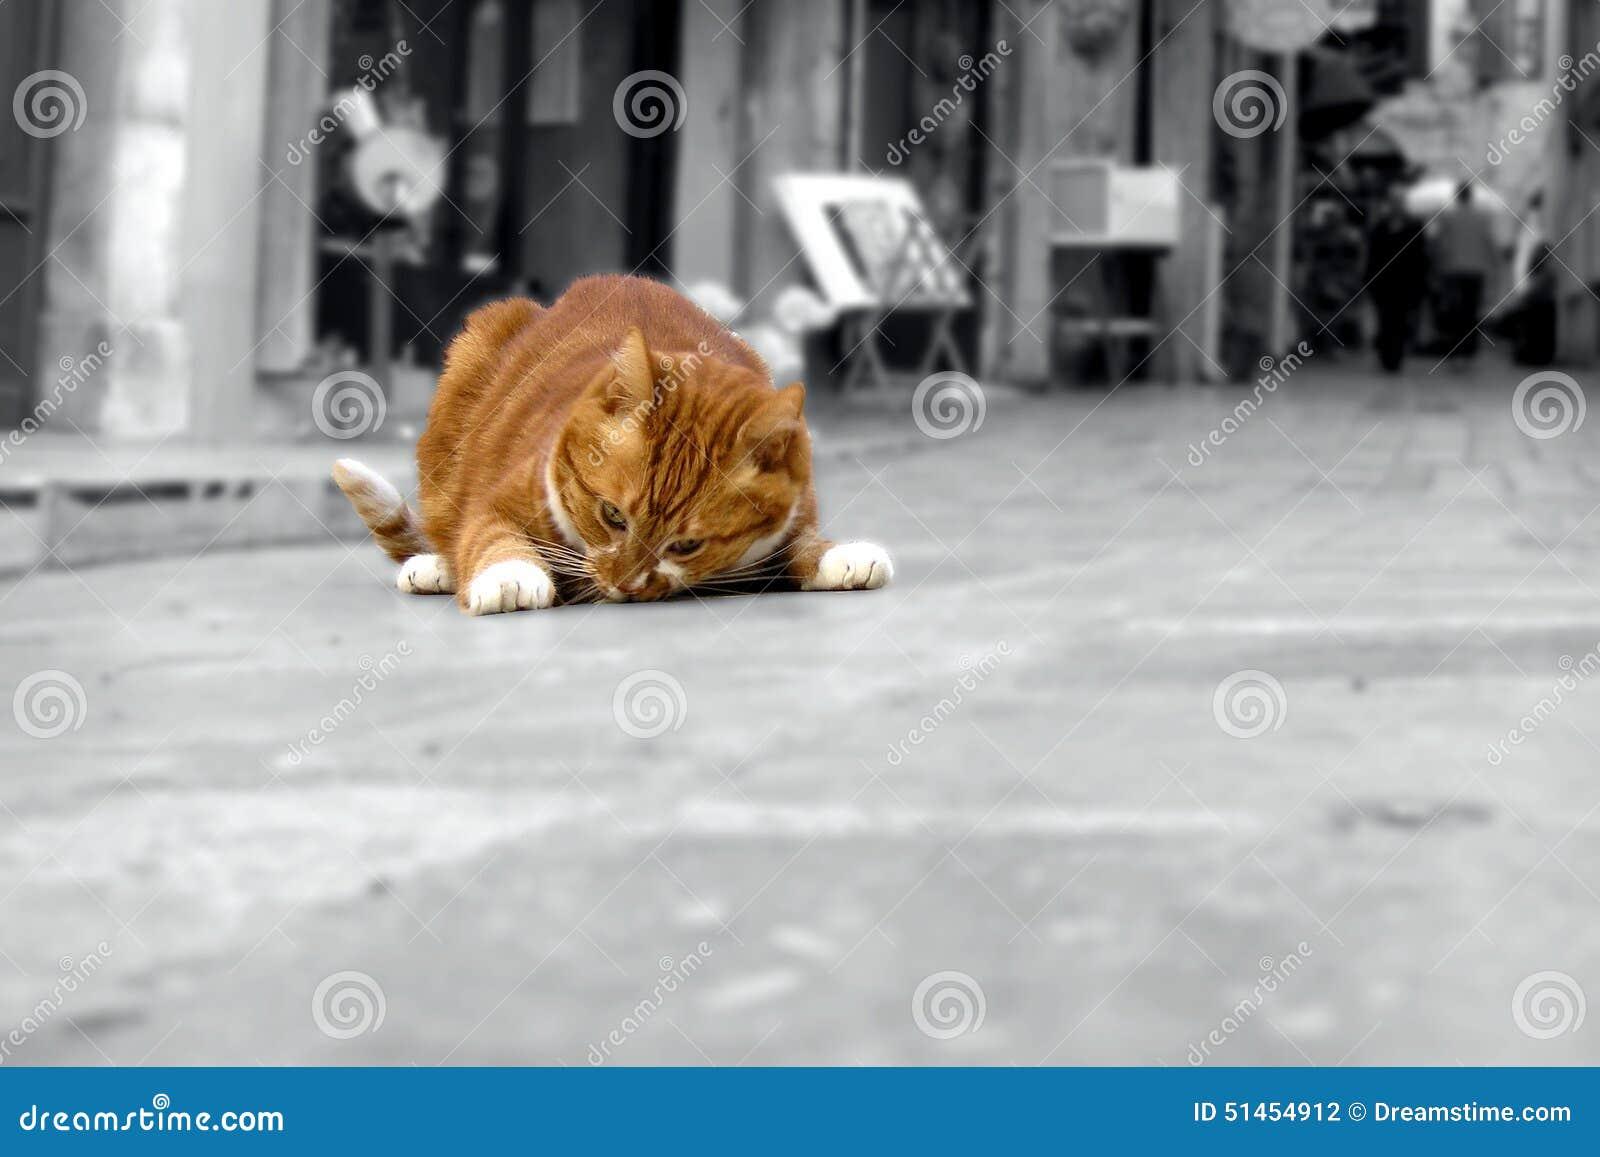 Gatto rosso grasso - Fette Katze a memoria